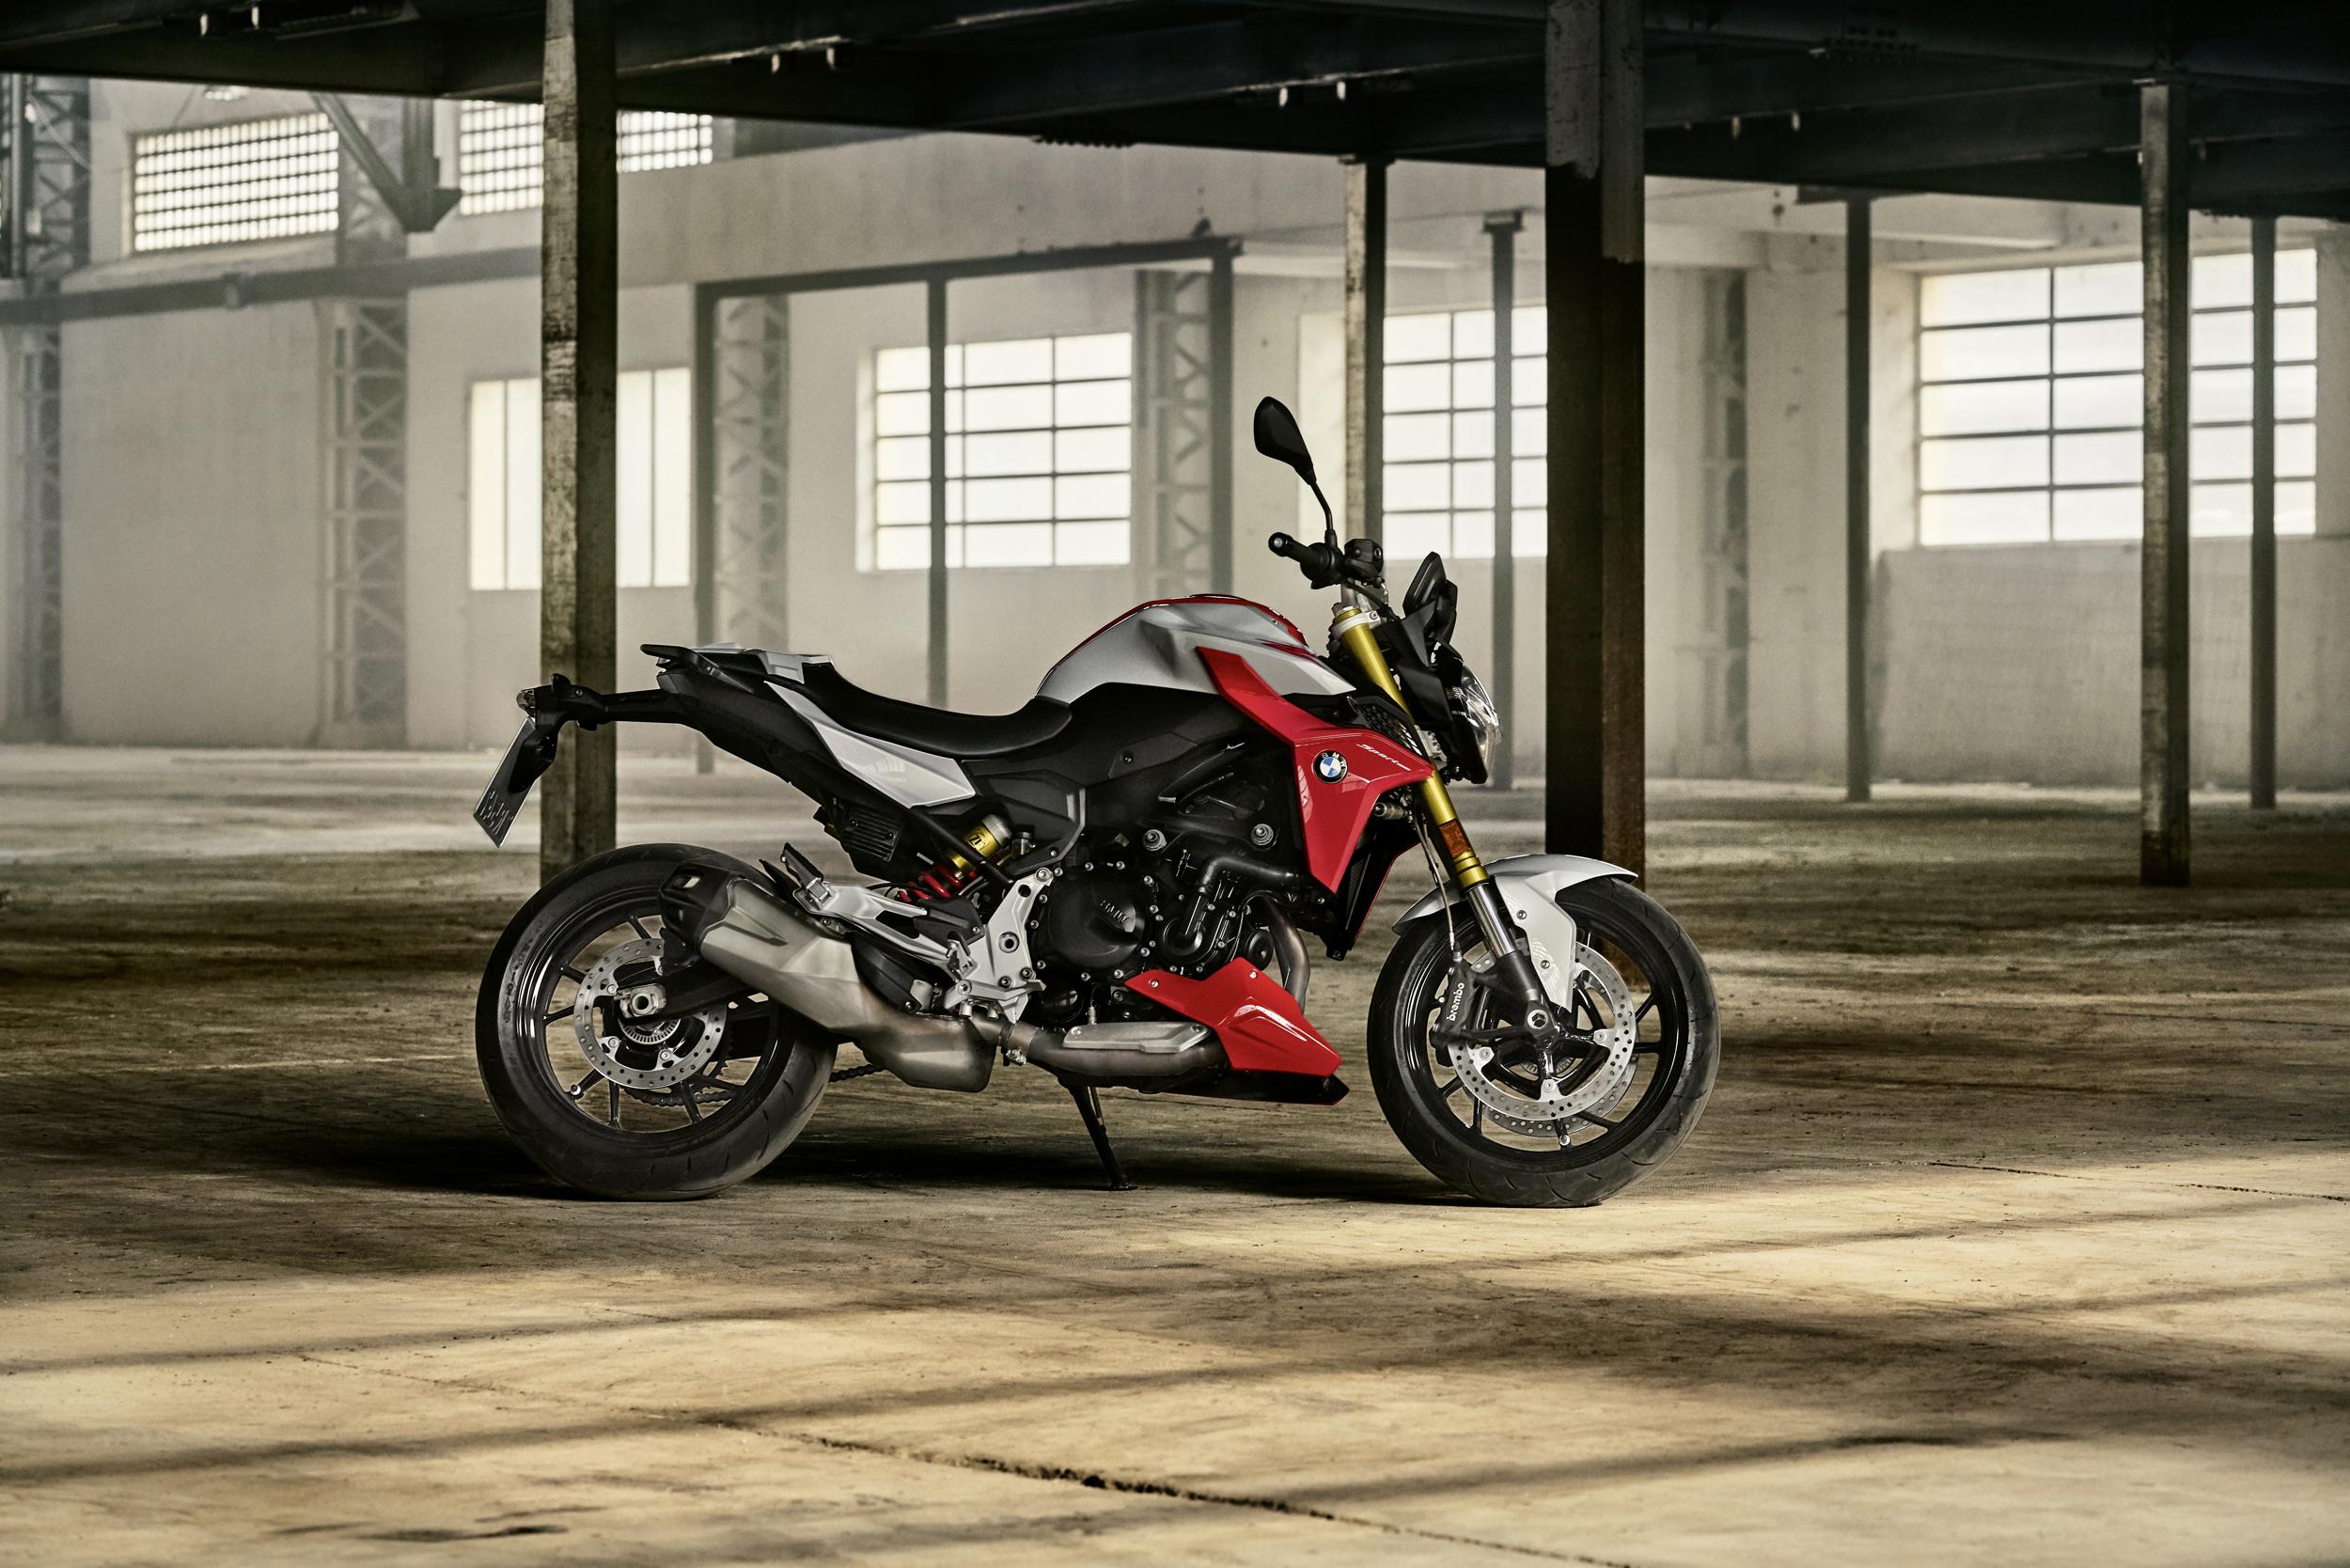 2020 BMW F 900 R